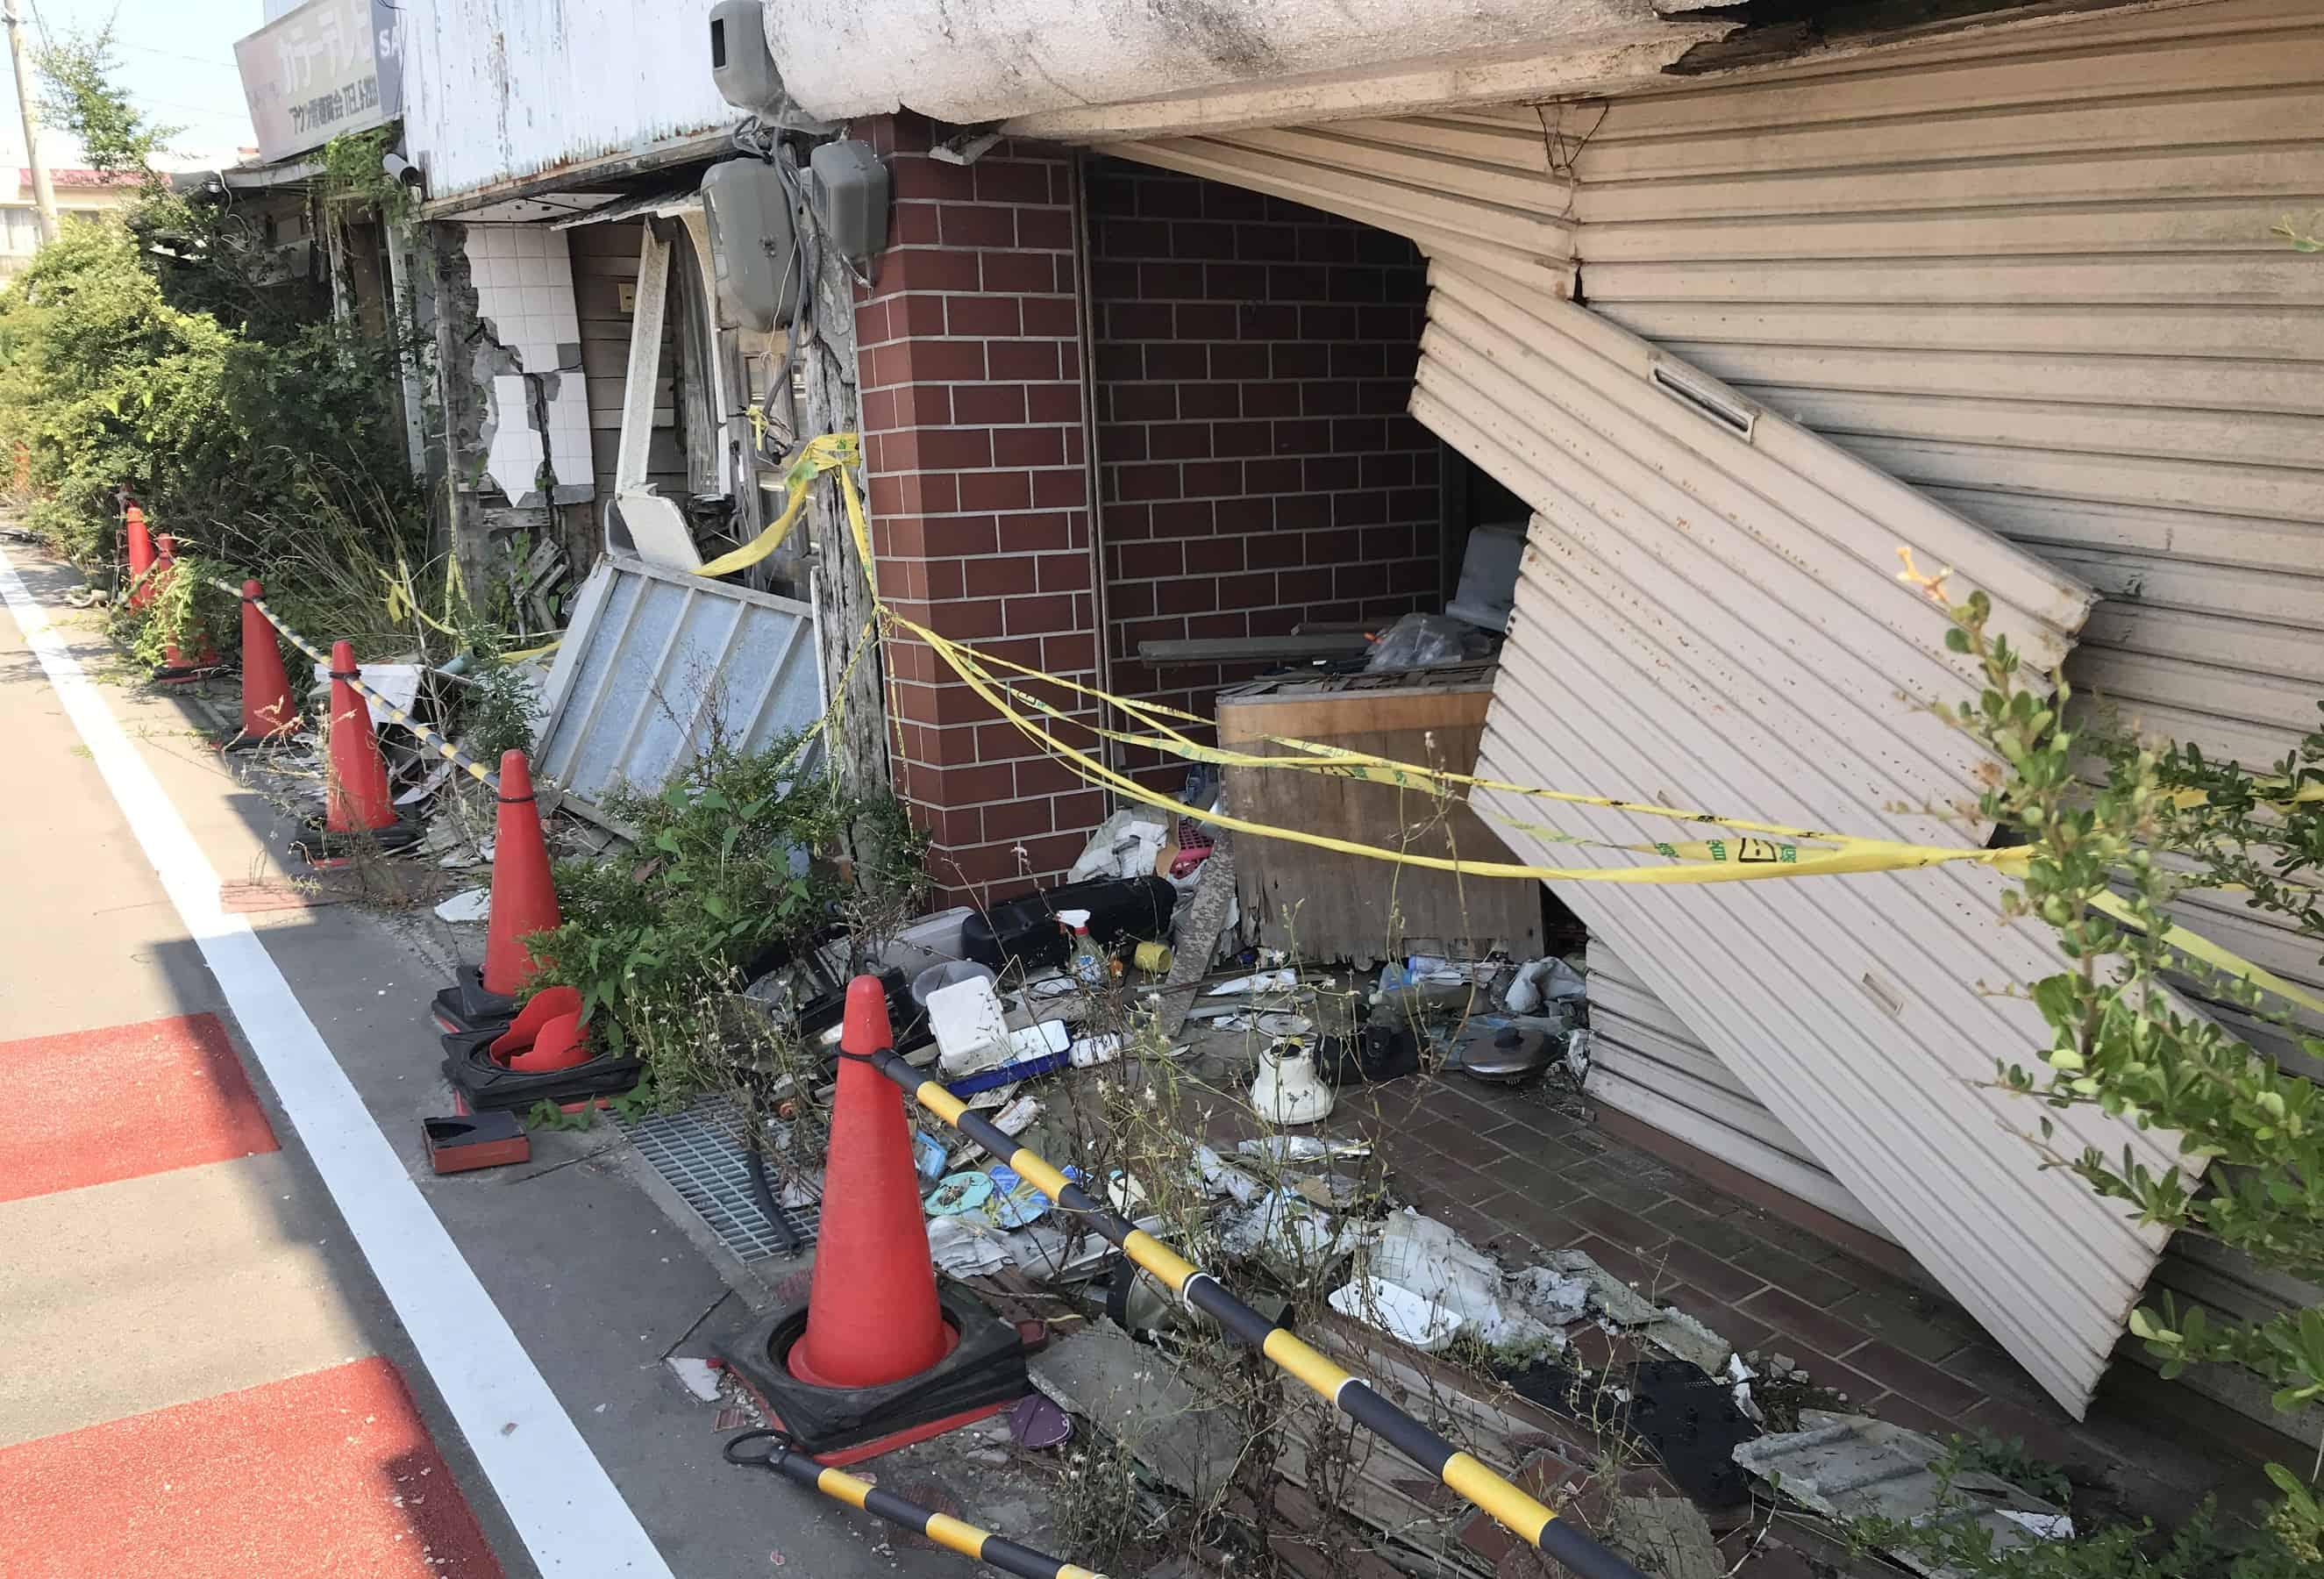 Fukushima værkets opland, byen Namie